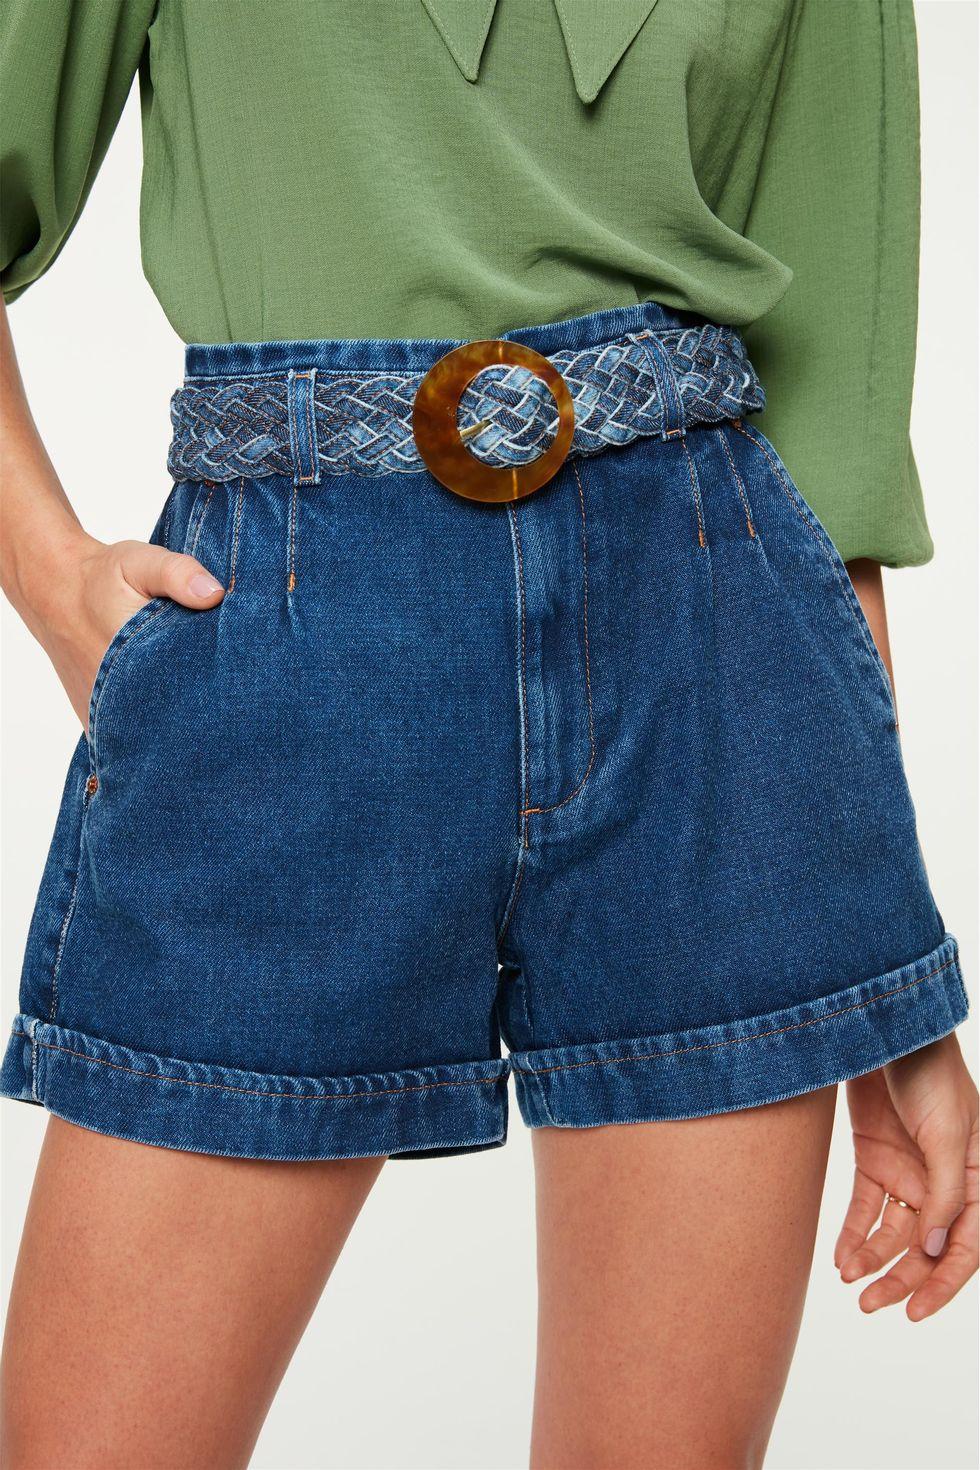 Cinto-Jeans-Trancado-Feminino-Frente--